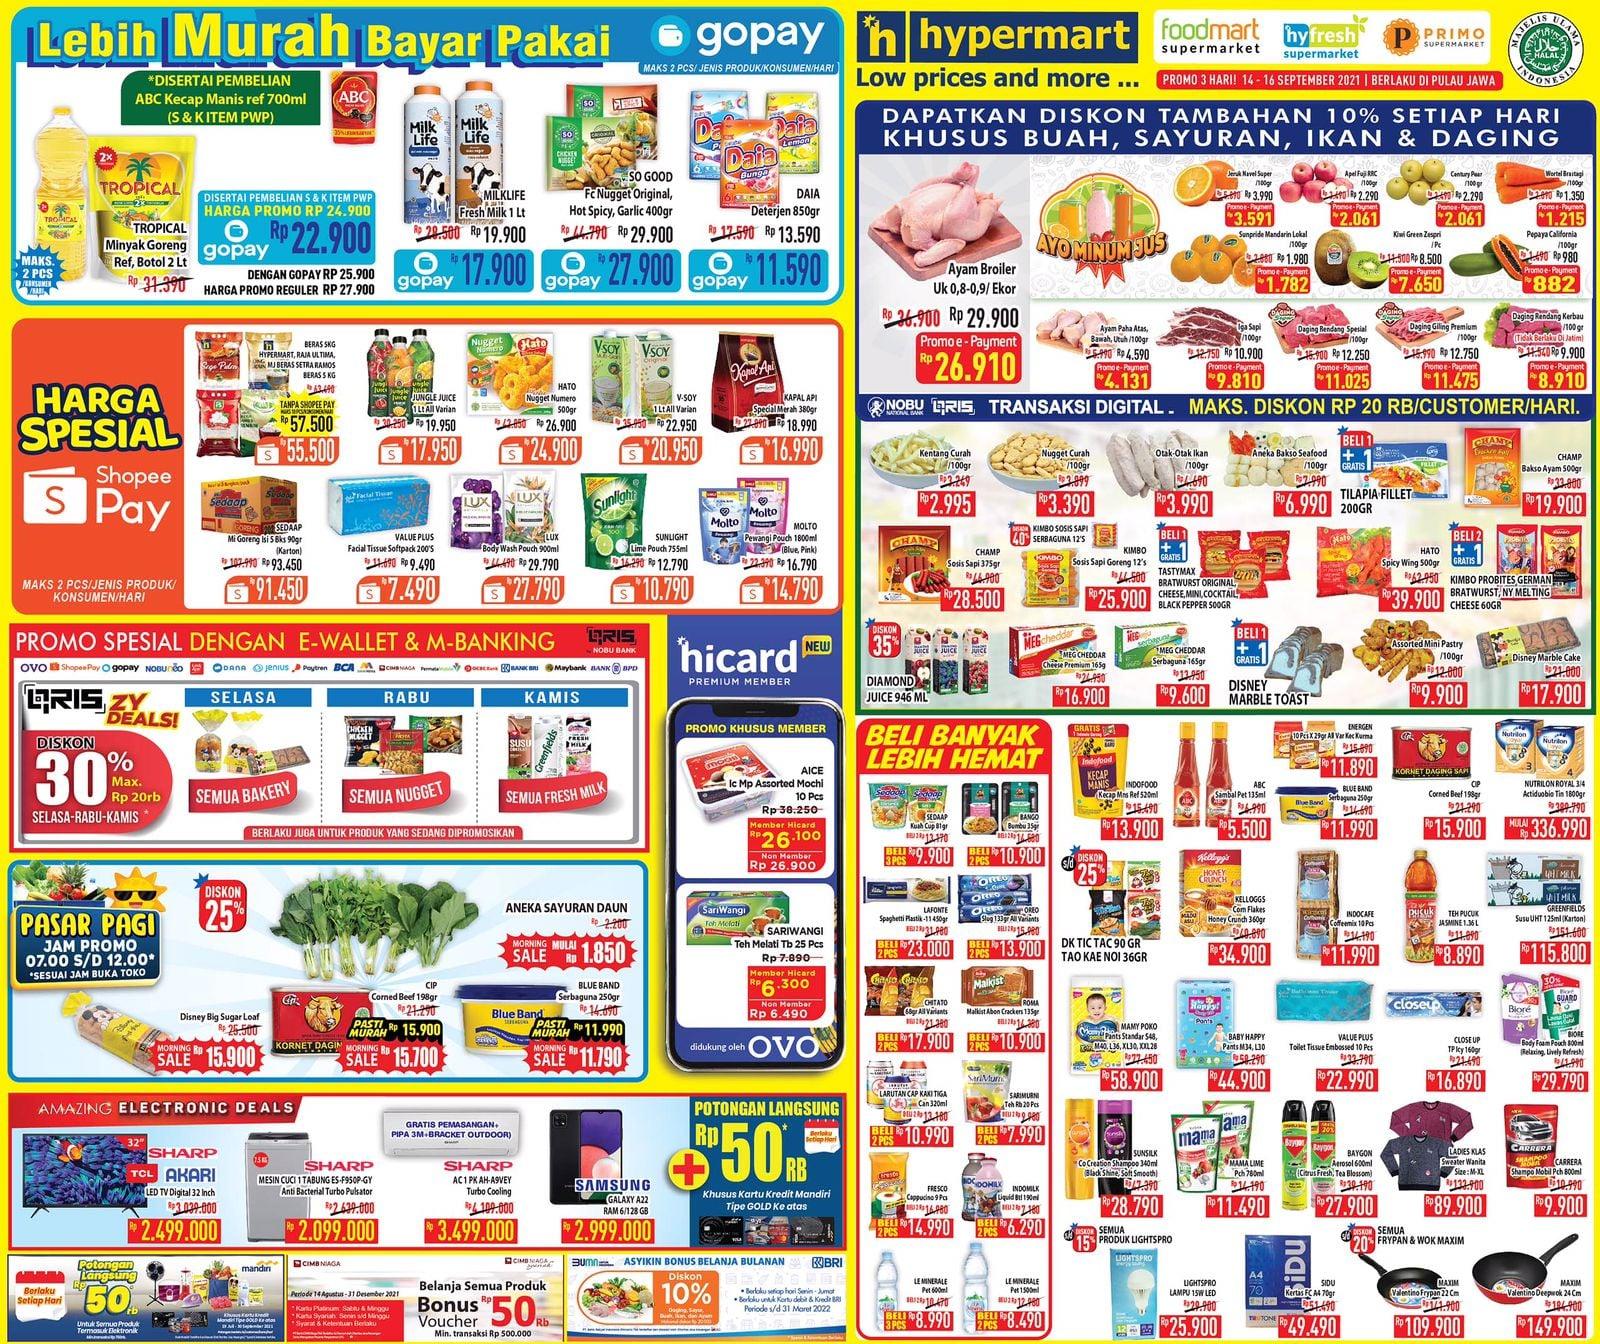 Katalog Hypermart Promo Weekday periode 14-16 September 2021